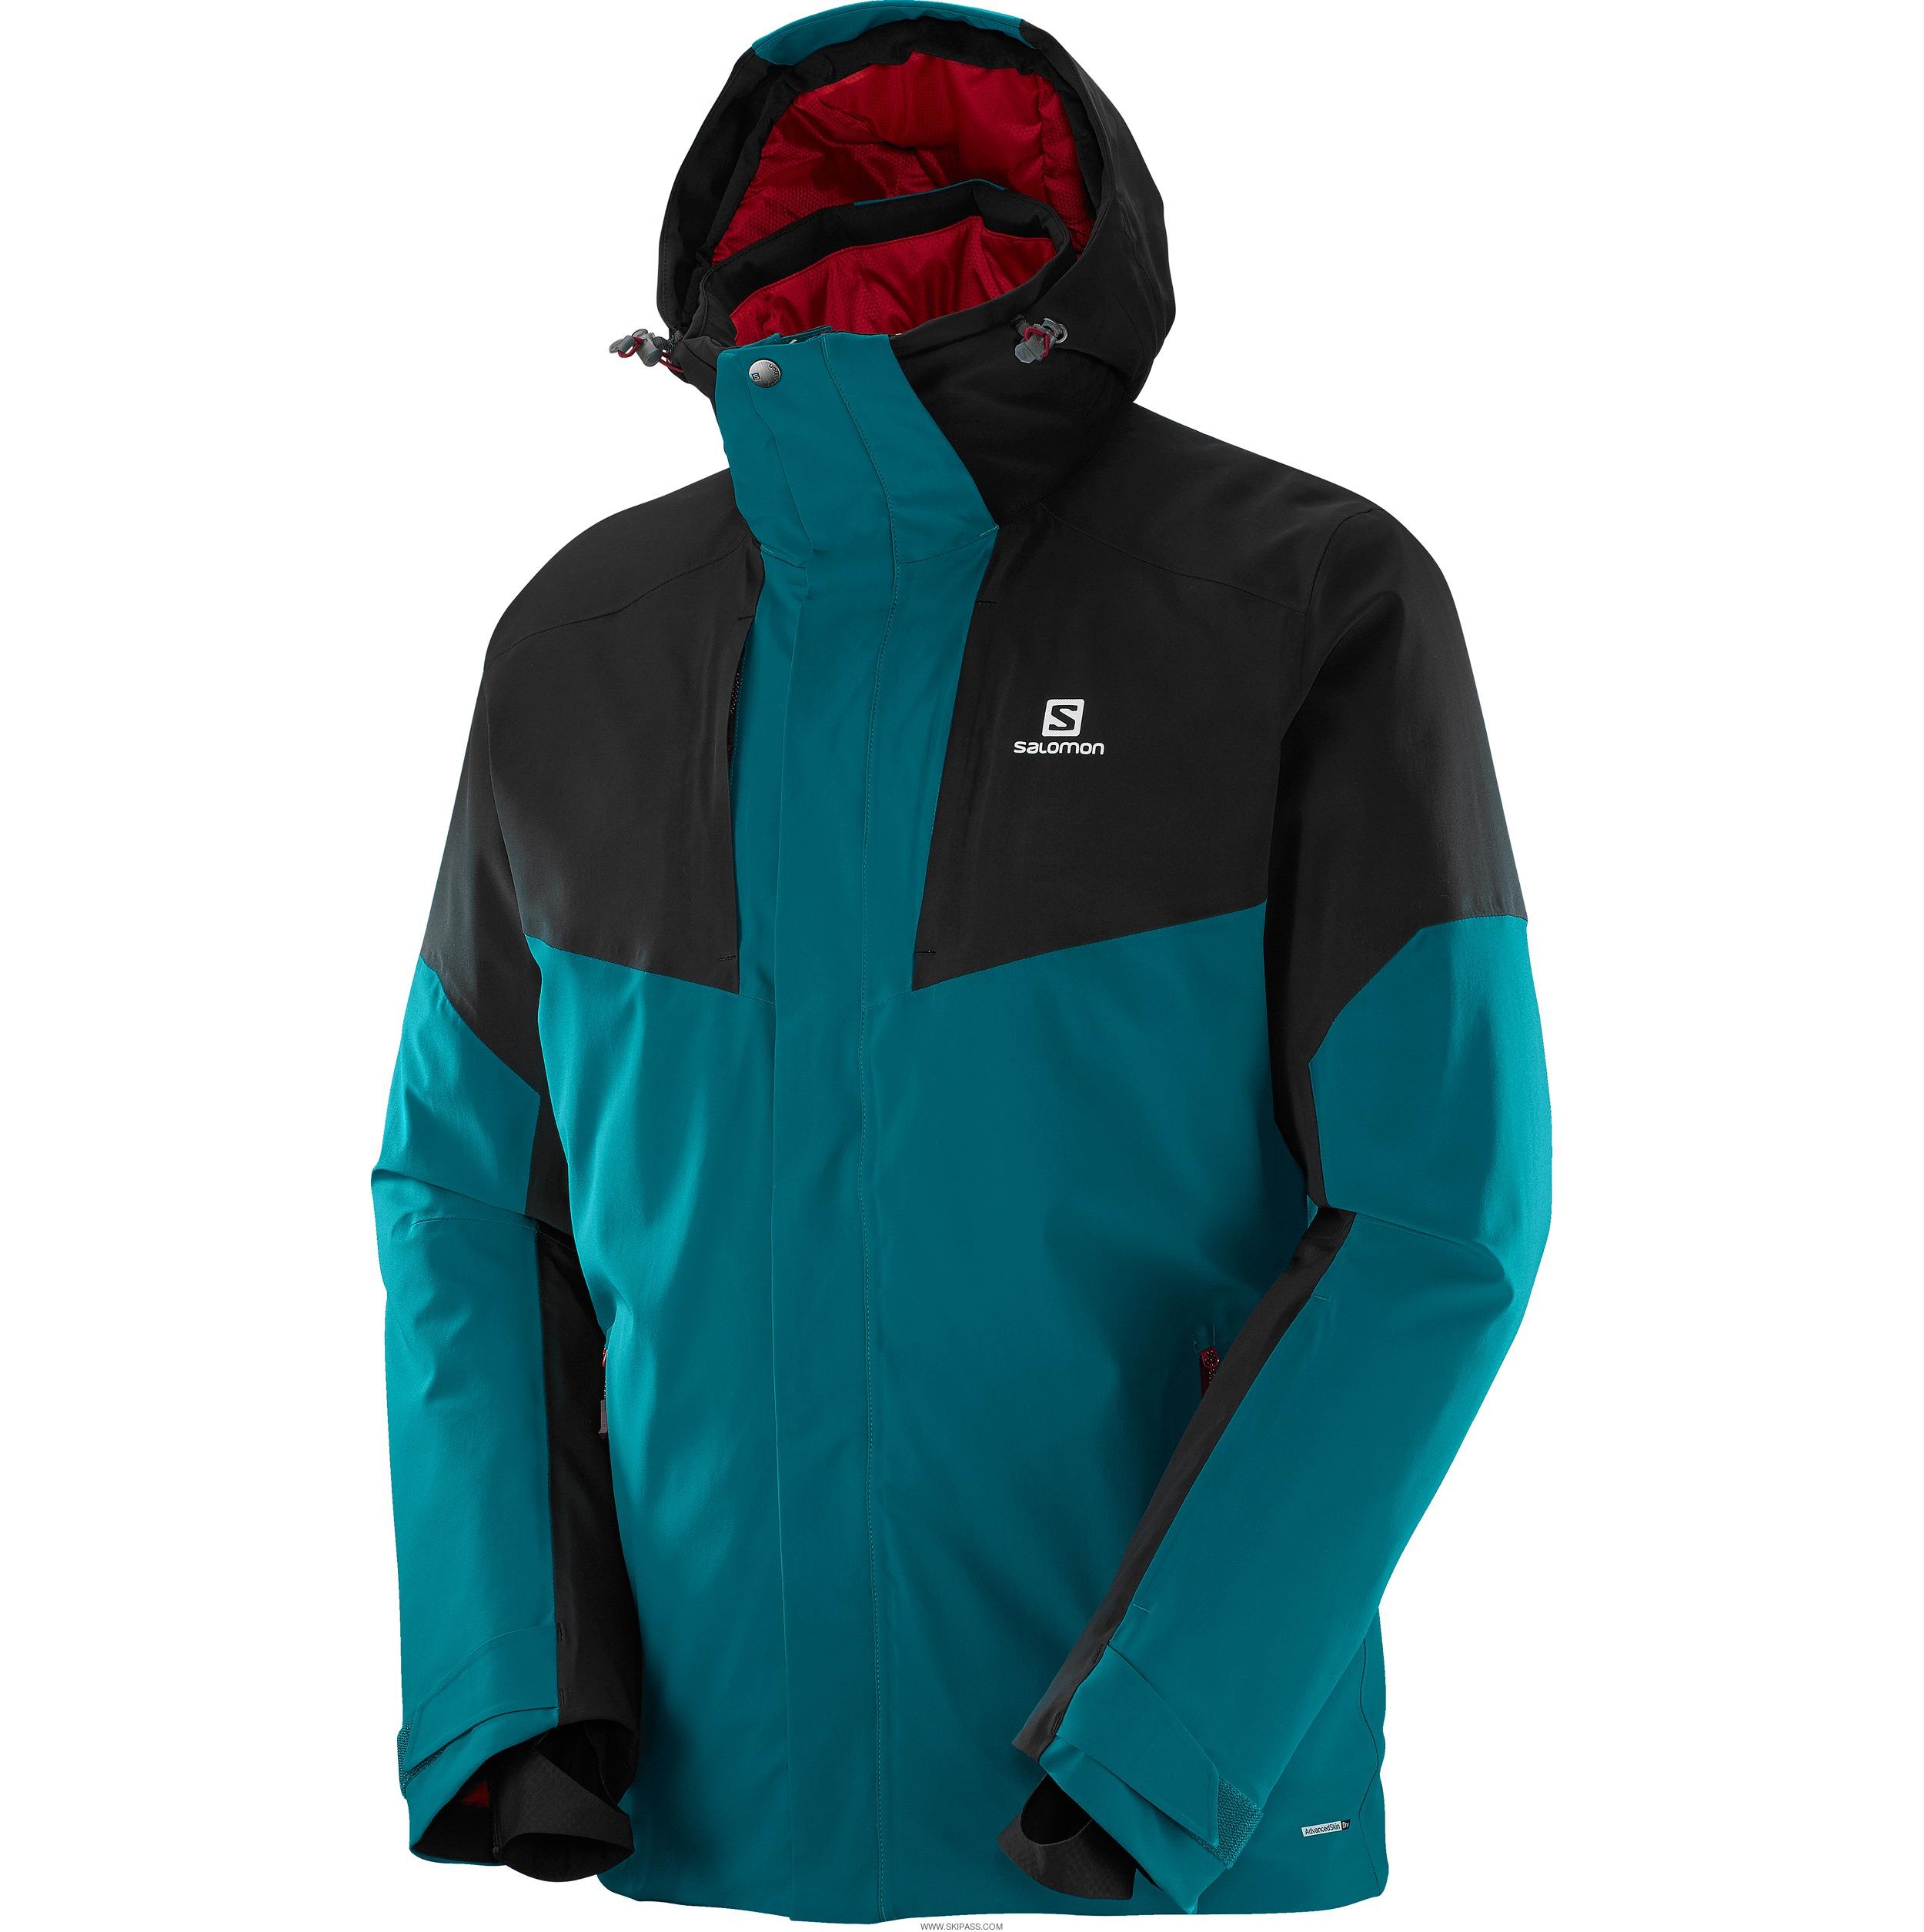 Veste de ski Salomon Icerocket Jkt W – achat et prix pas